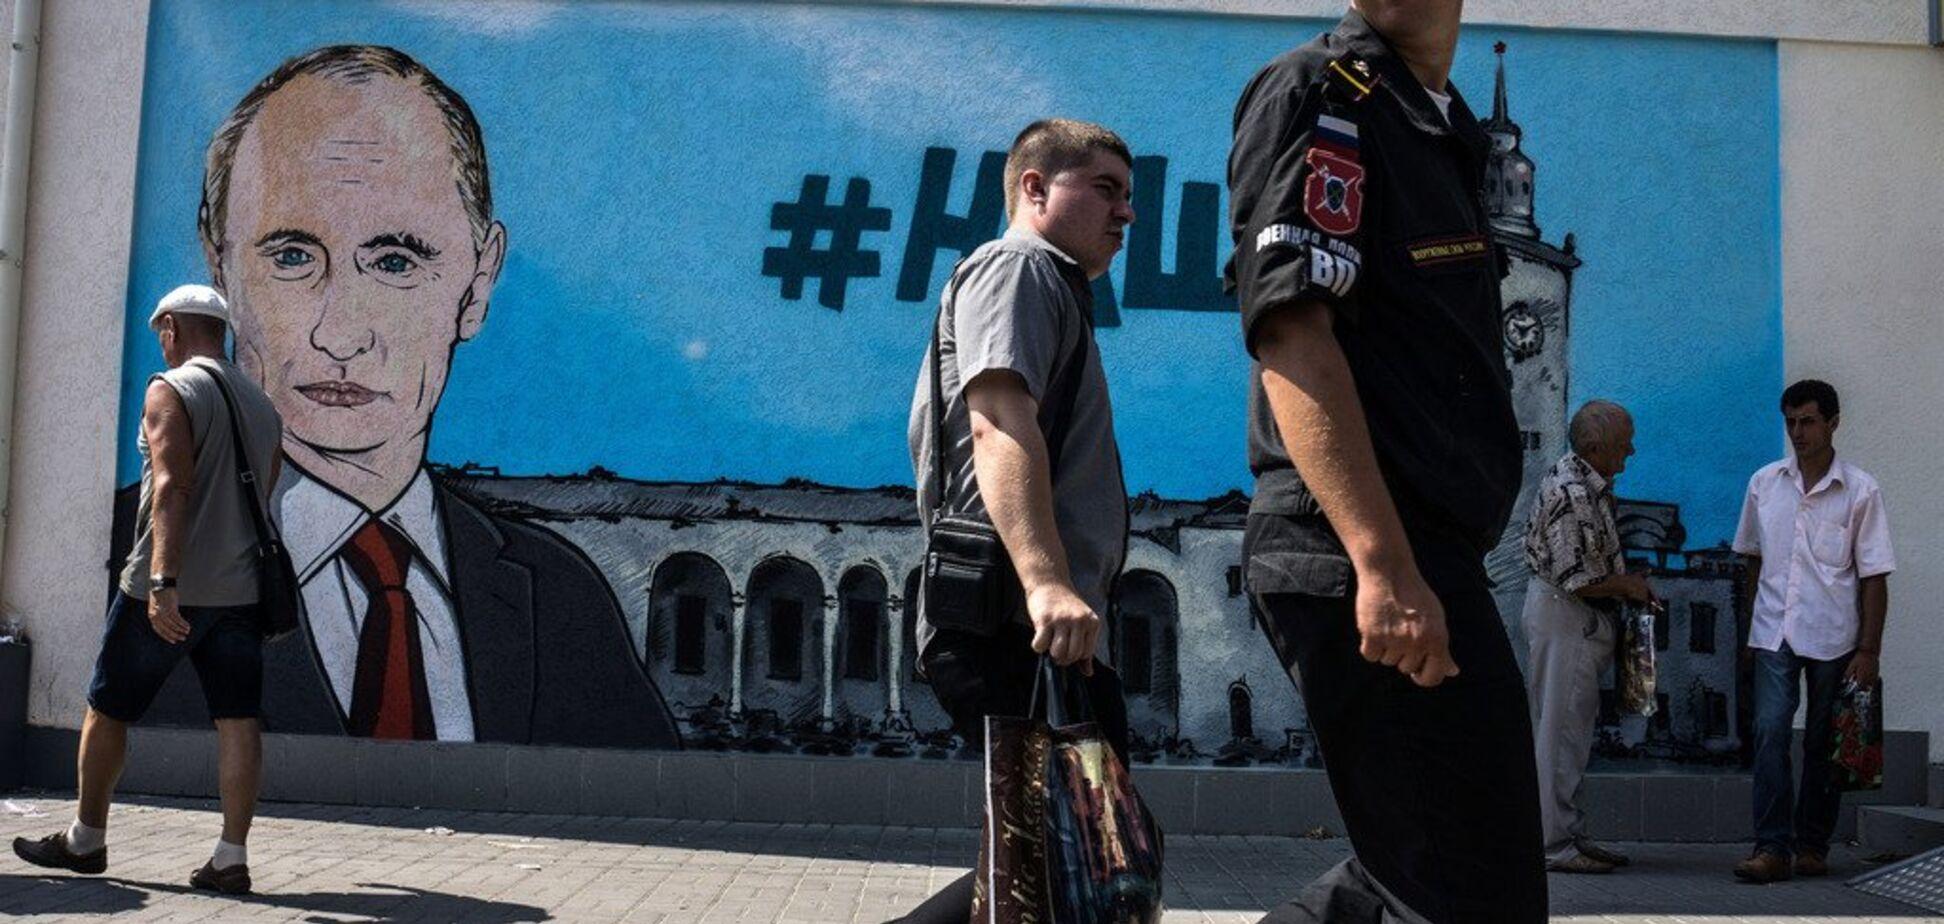 'Для держпотреб': у Криму окупанти почали відбирати землю у місцевих жителів